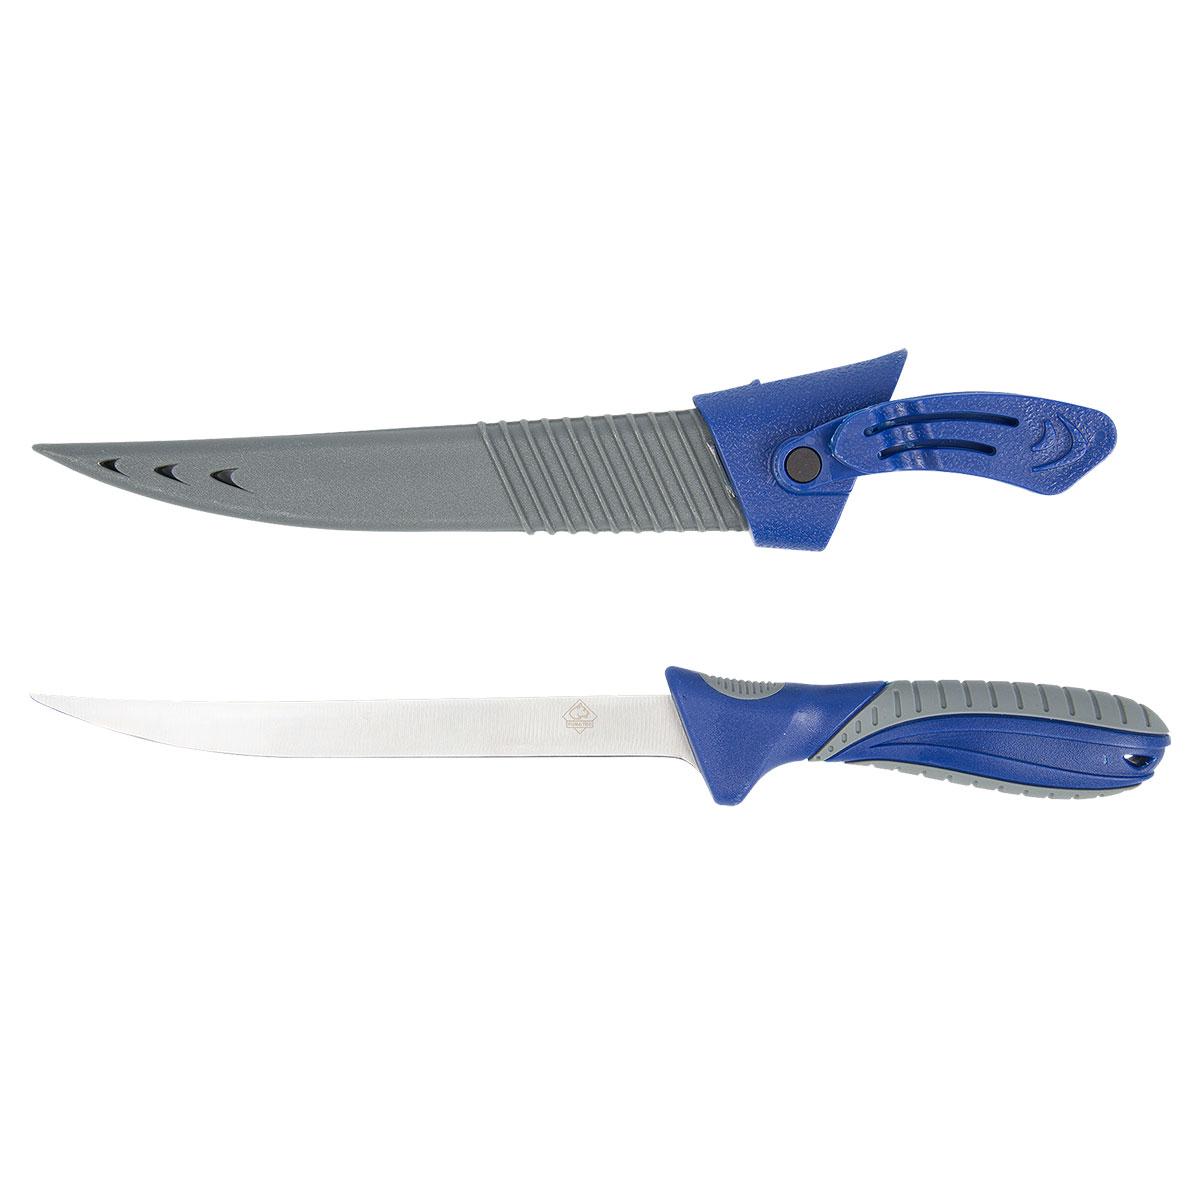 Puma Tec Filetiermesser Blau 18 cm (301318) im Pareyshop